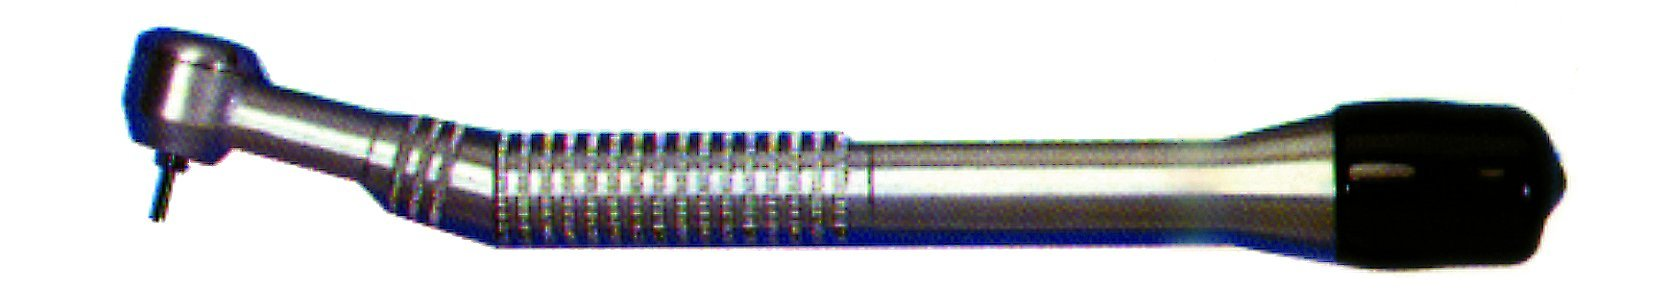 Наконечник турбинный SS White FG TC-35 YM (4 отверстия MIDWEST, Ключ, 350 000 об.мин.)